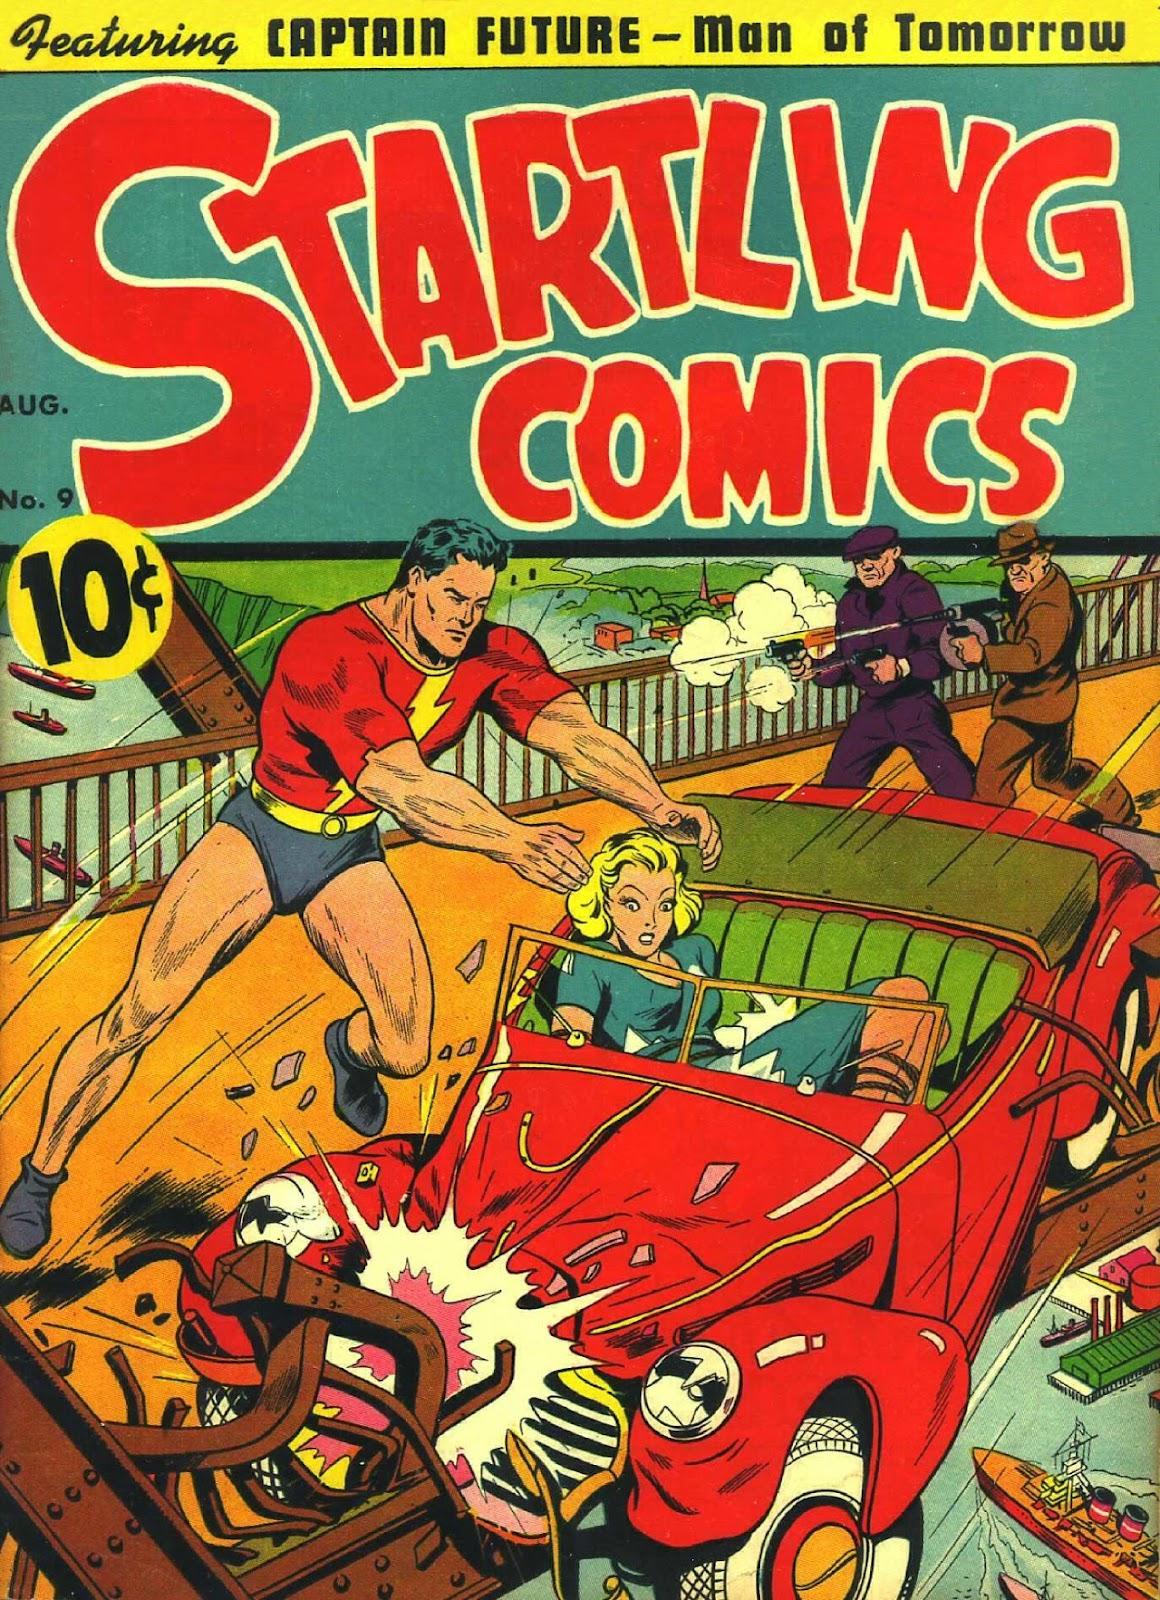 Startling Comics 9 Page 1